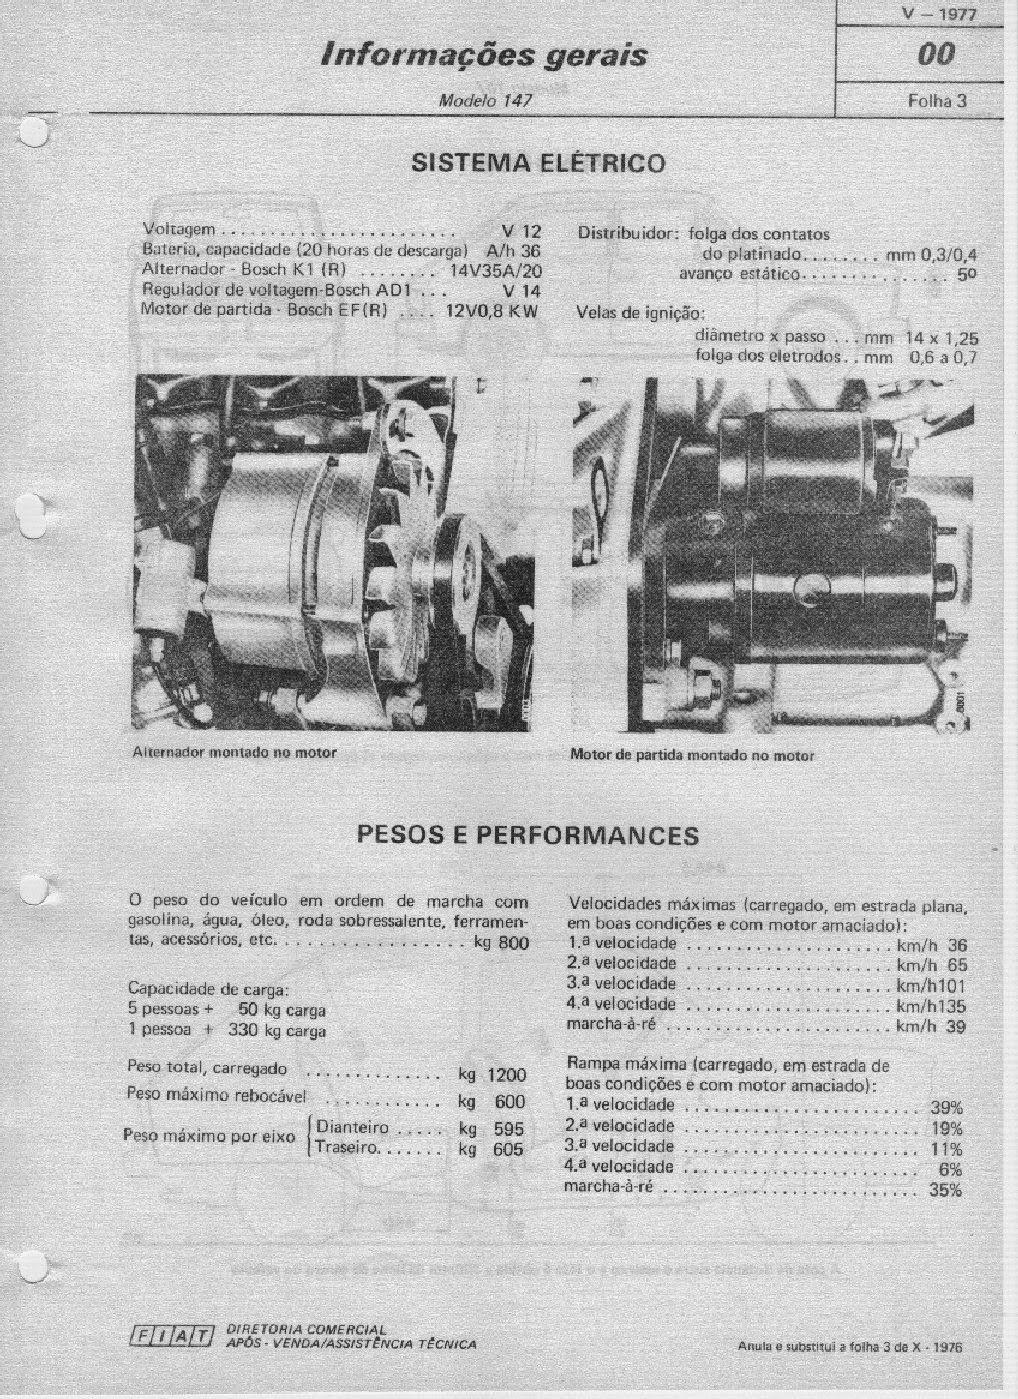 Manuais do proprietário e mecânico de todas as marcas